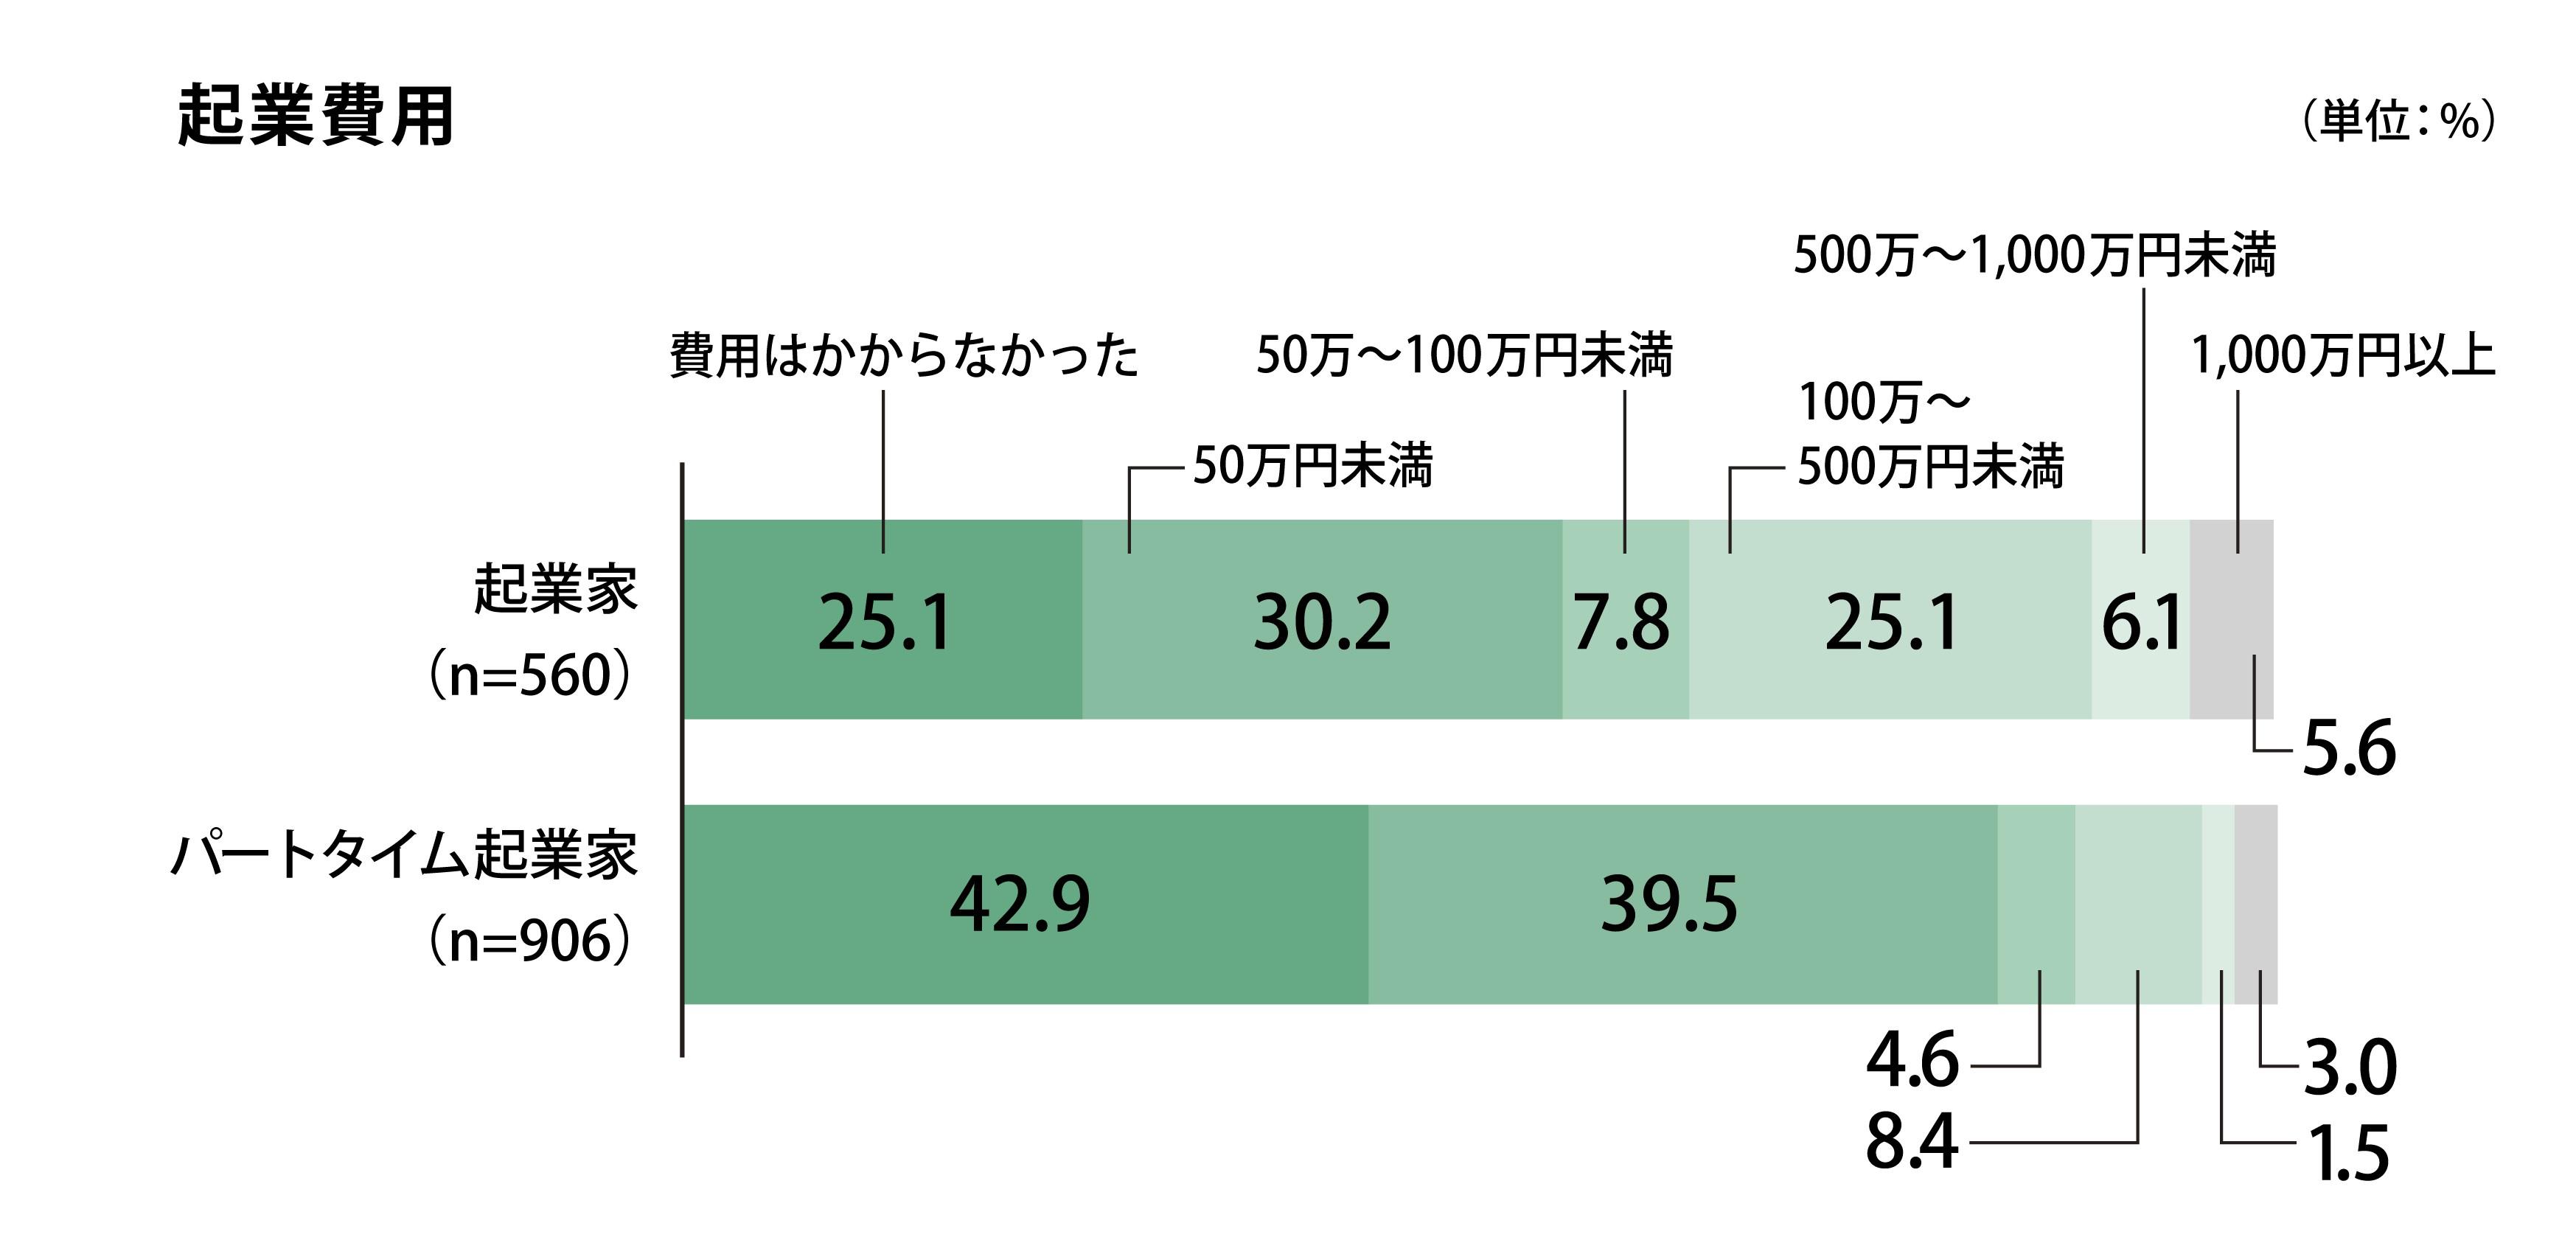 調査対象の起業家の内、起業費用50万円未満の回答が最も多く30.2%であった